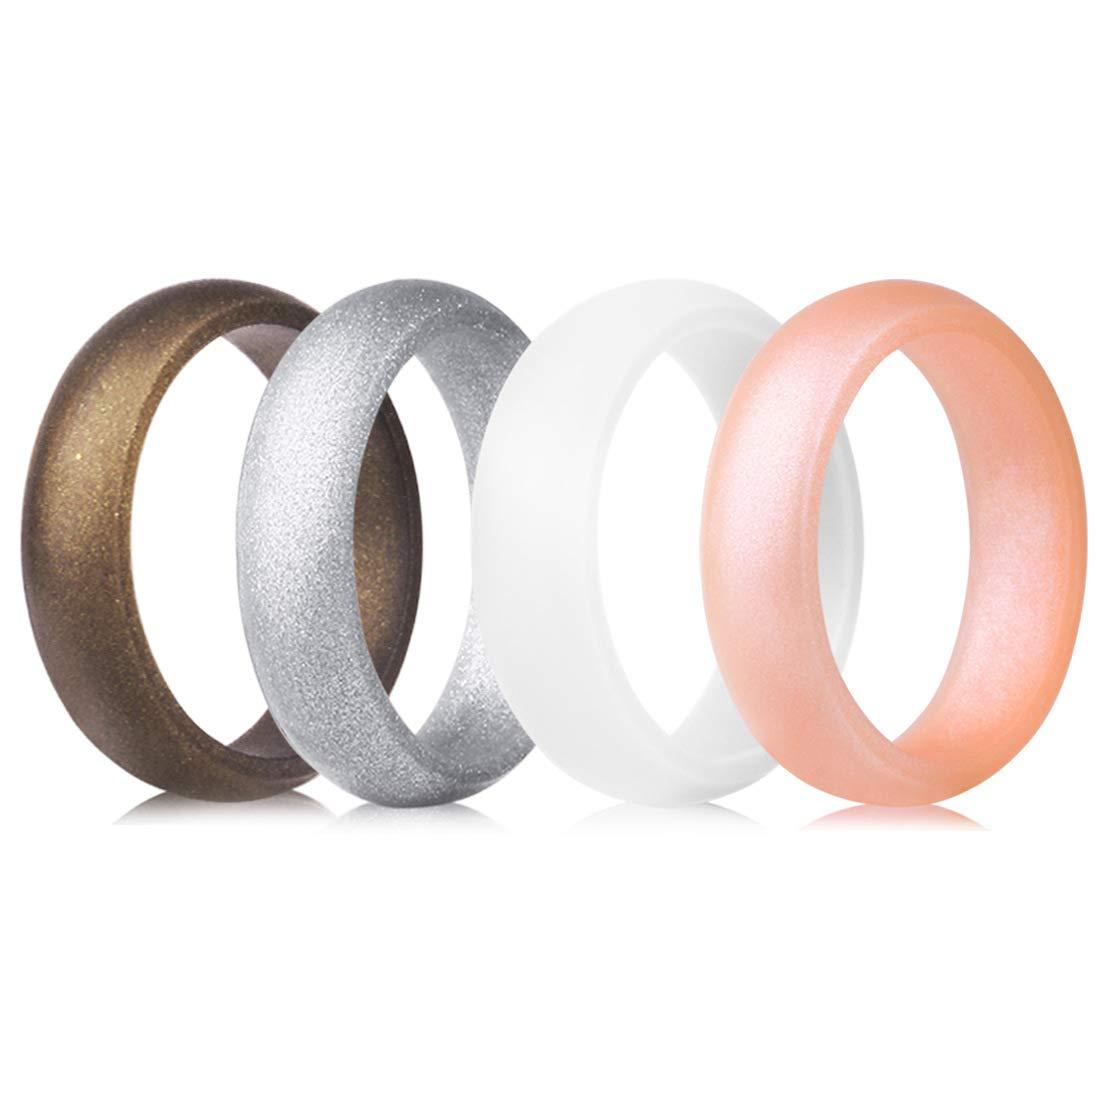 QVOW B07M85R63R シリコンリング レディース 薄手 (15.7mm)|B7: 手頃 積み重ね可能 Copper, ゴム結婚指輪 7 4 3パック シングルサイズ 幅3.0mm 5.7mm B07M85R63R B7: Metal Copper, Bright Silver, White, Rose Gold - 5.0mm 4.5-5 (15.7mm) 4.5-5 (15.7mm)|B7: Metal Copper, Bright Silver, White, Rose Gold - 5.0mm, 梅崎陶土:22ec1cf7 --- krianta.com